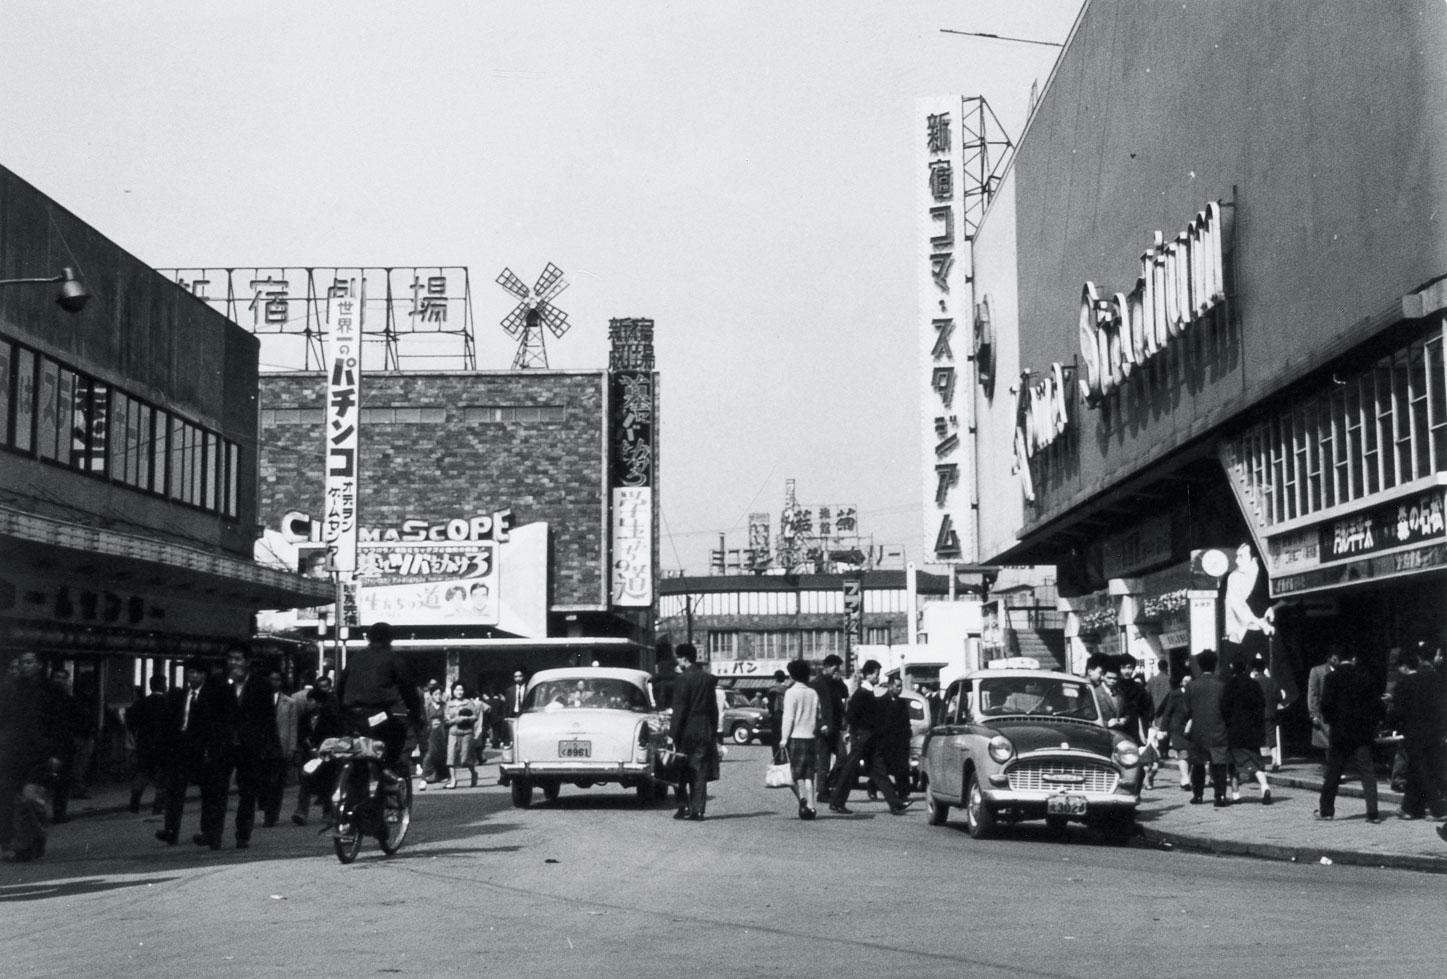 昭和31(1956)年 – 新宿区史年表